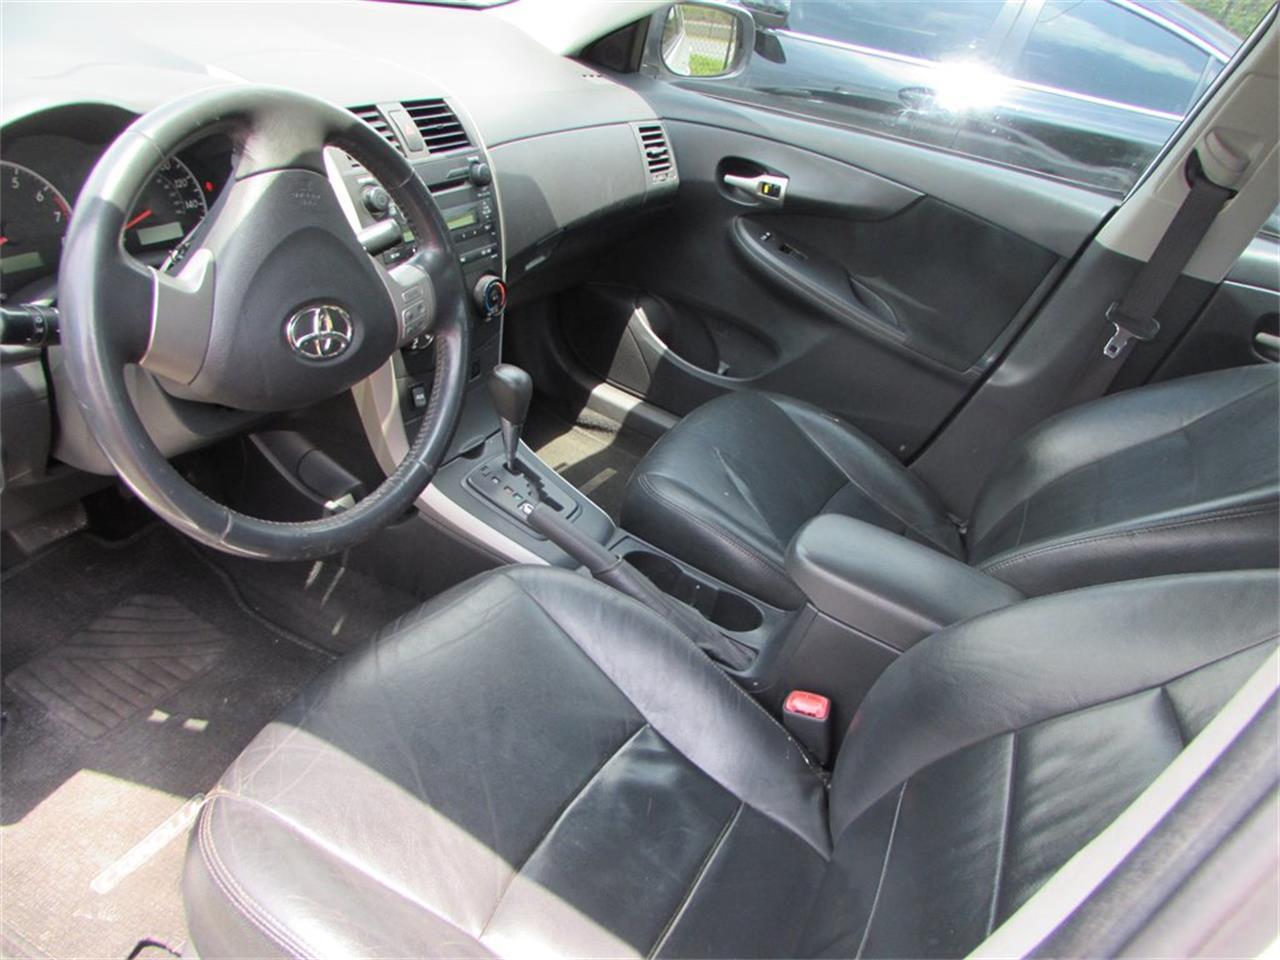 2009 Toyota Corolla (CC-1215938) for sale in Orlando, Florida